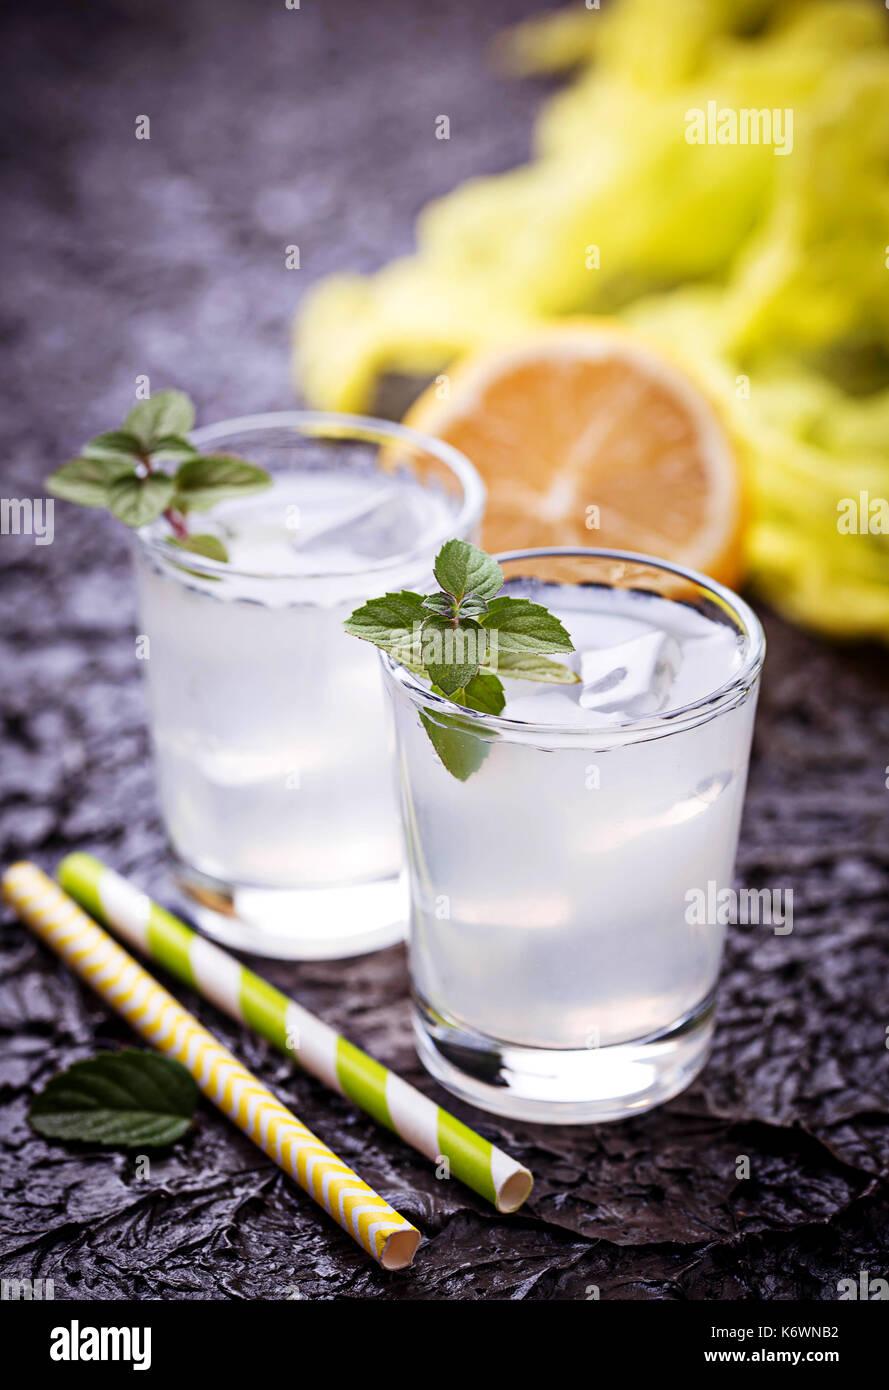 Bevanda fredda con limone e menta Immagini Stock